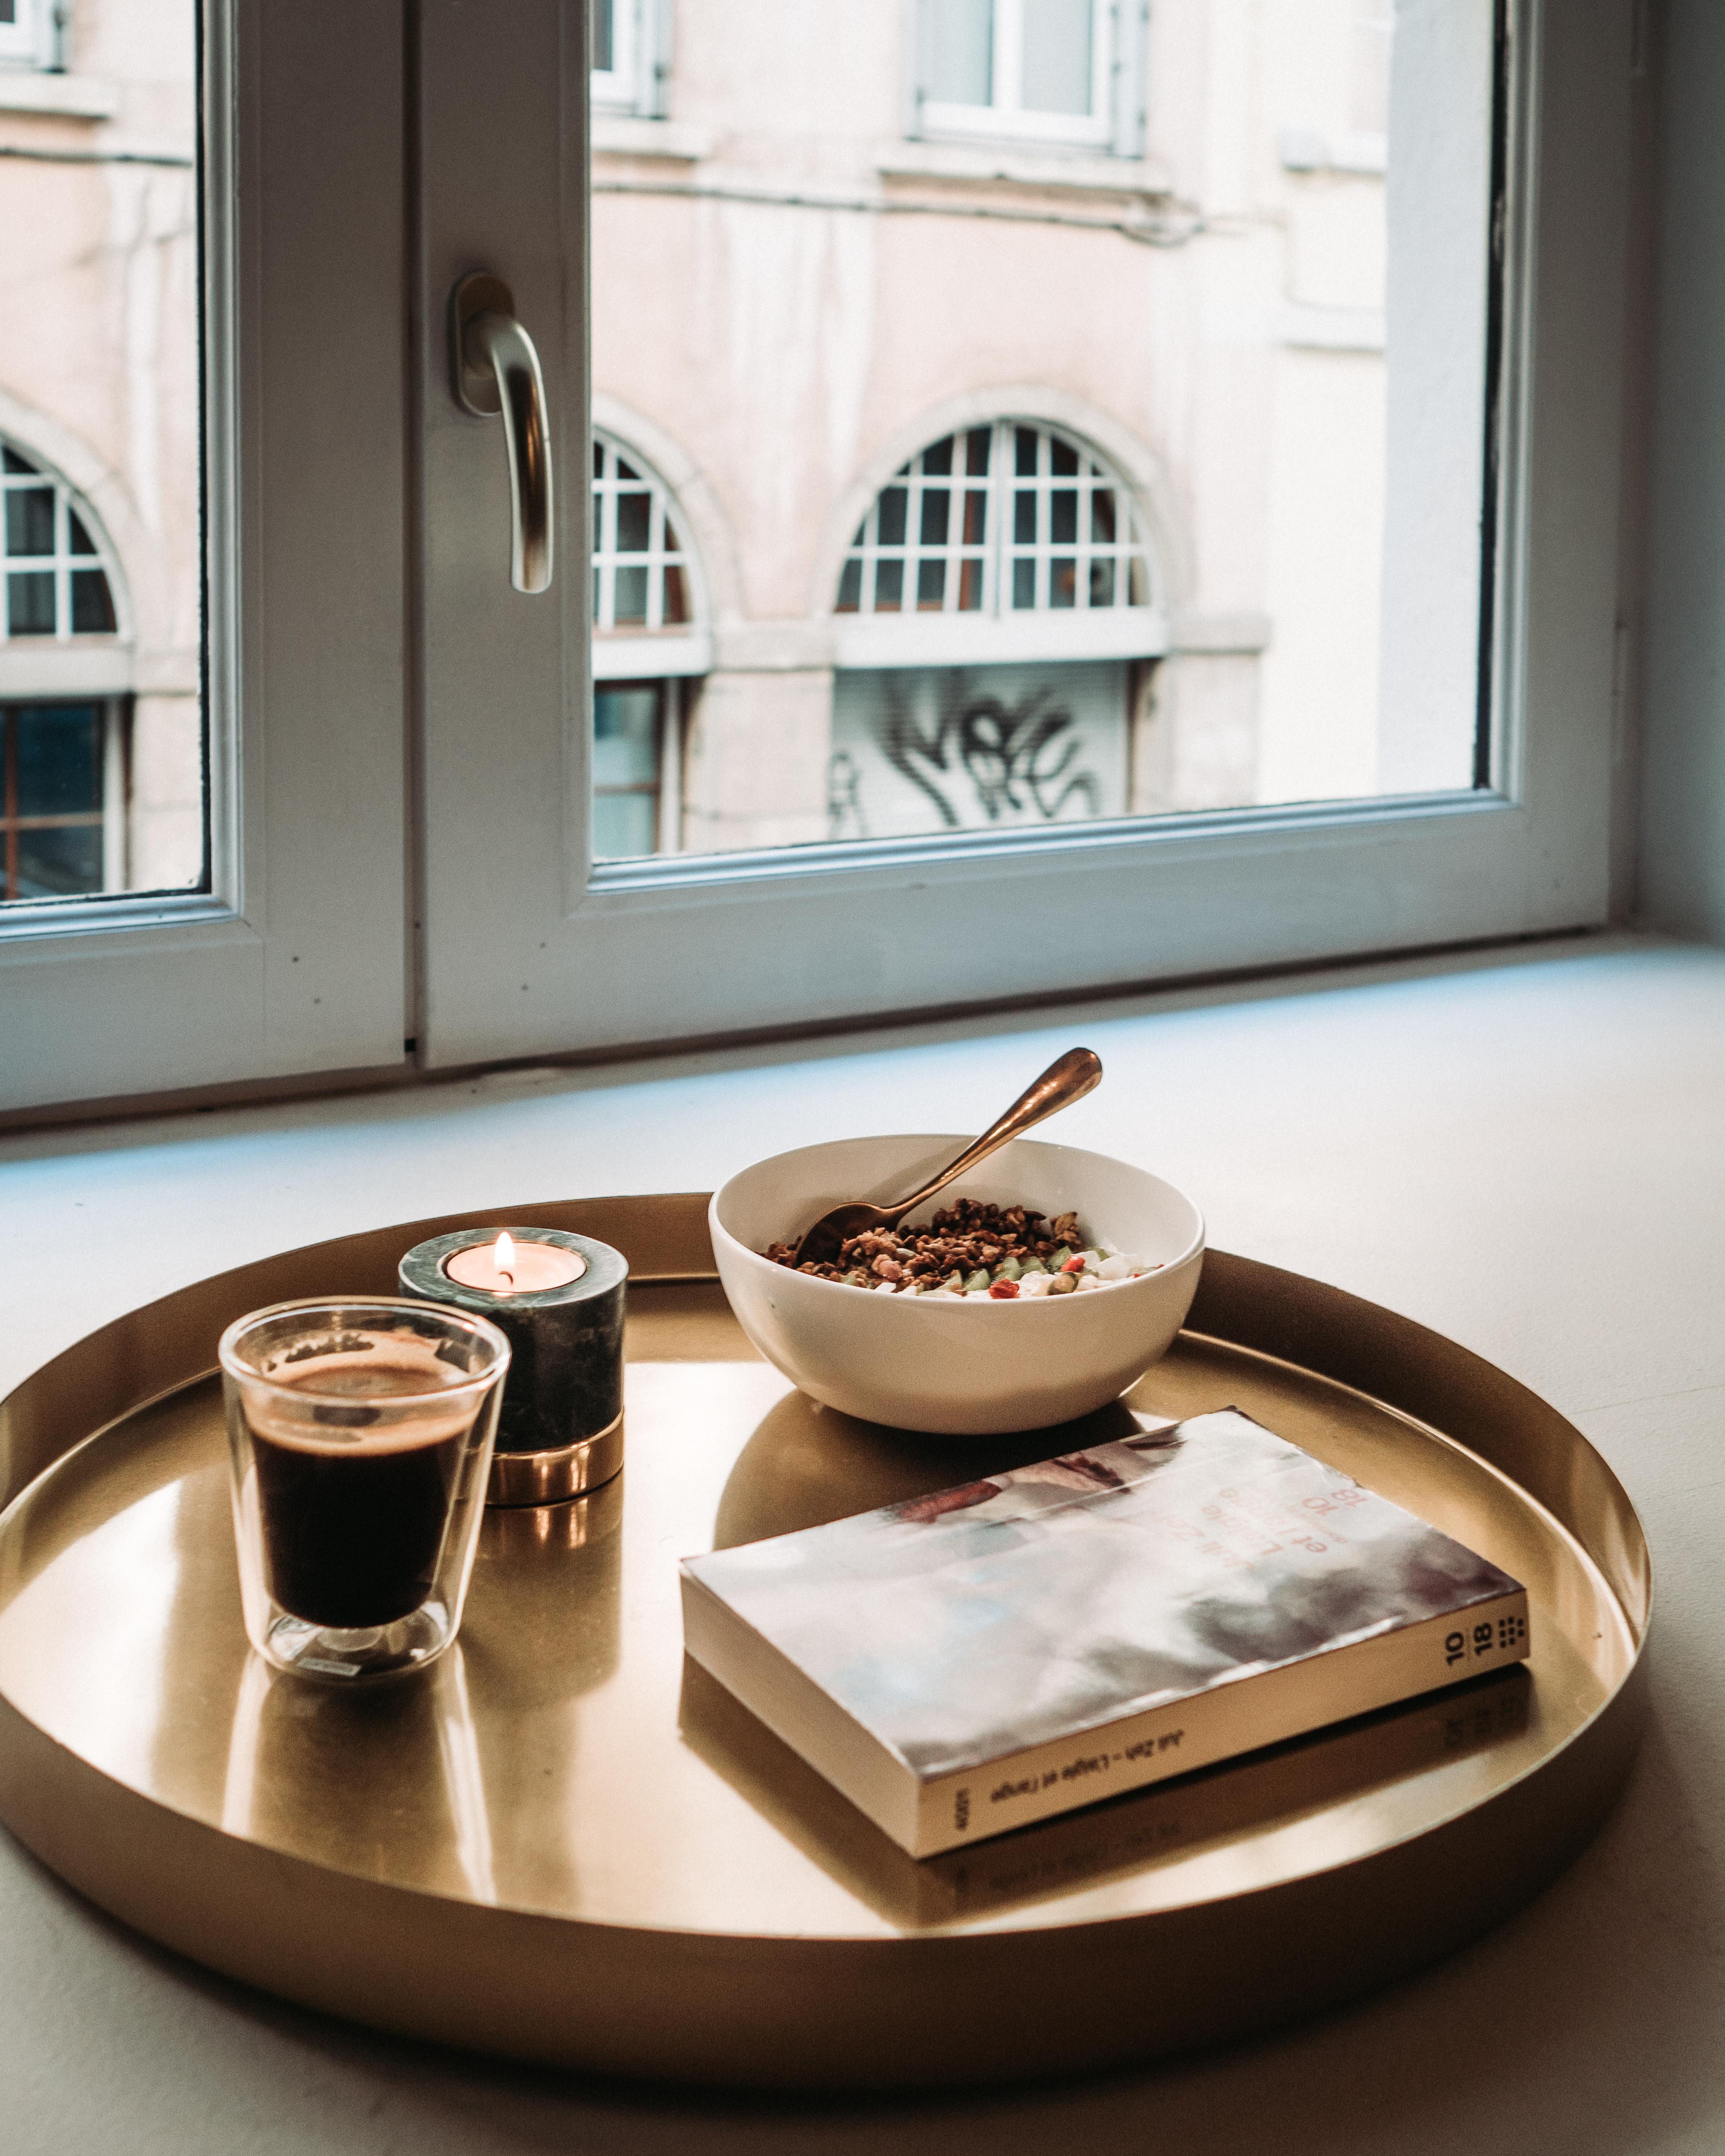 Bruch et café